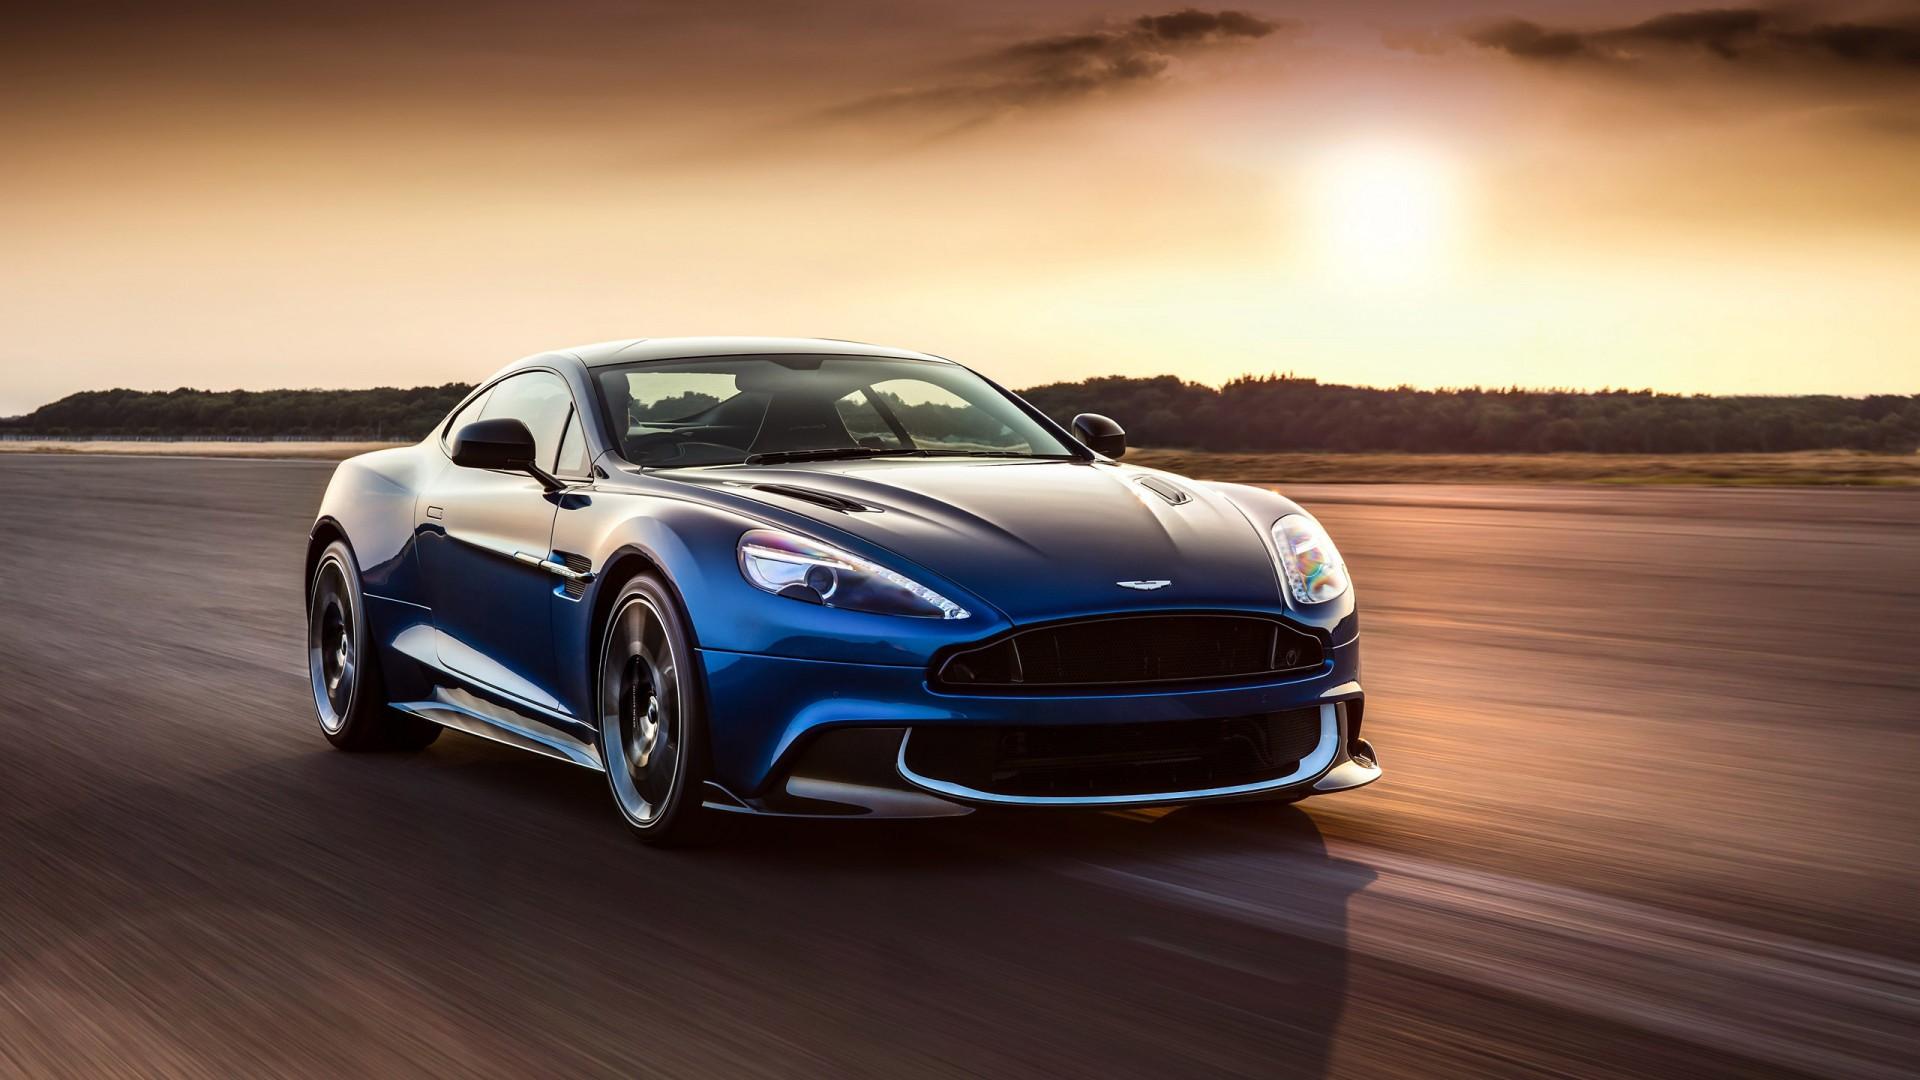 Fondos De Pantalla De Aston Martin Wallpapers Hd Gratis